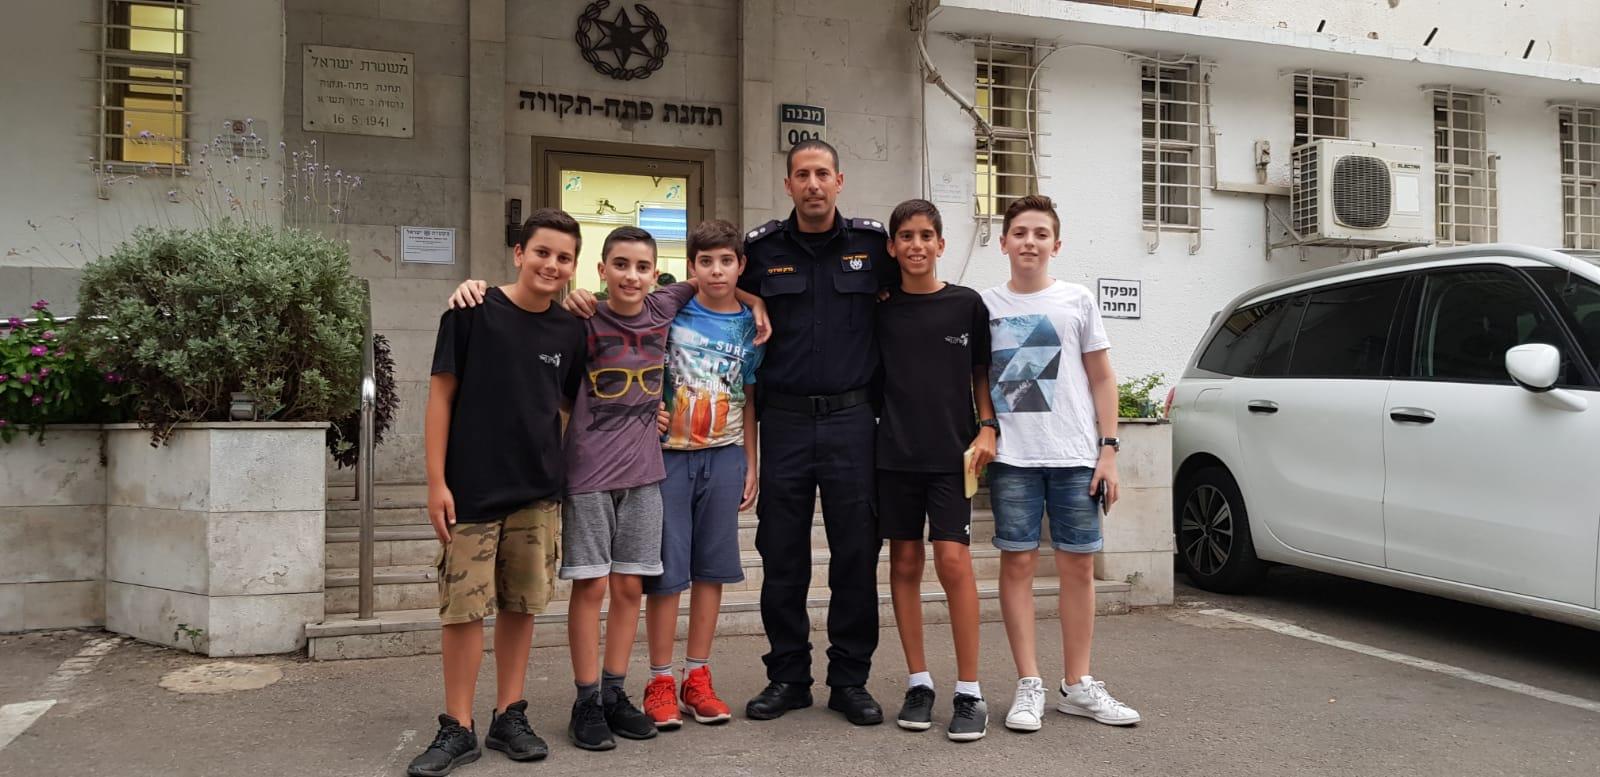 Photo of חמישה ילדים בני 12 מפתח תקוה הוכיחו שהמונח אזרחות טובה עדיין קיים כשהביאו סלולרי שמצאו לתחנה המשטרה